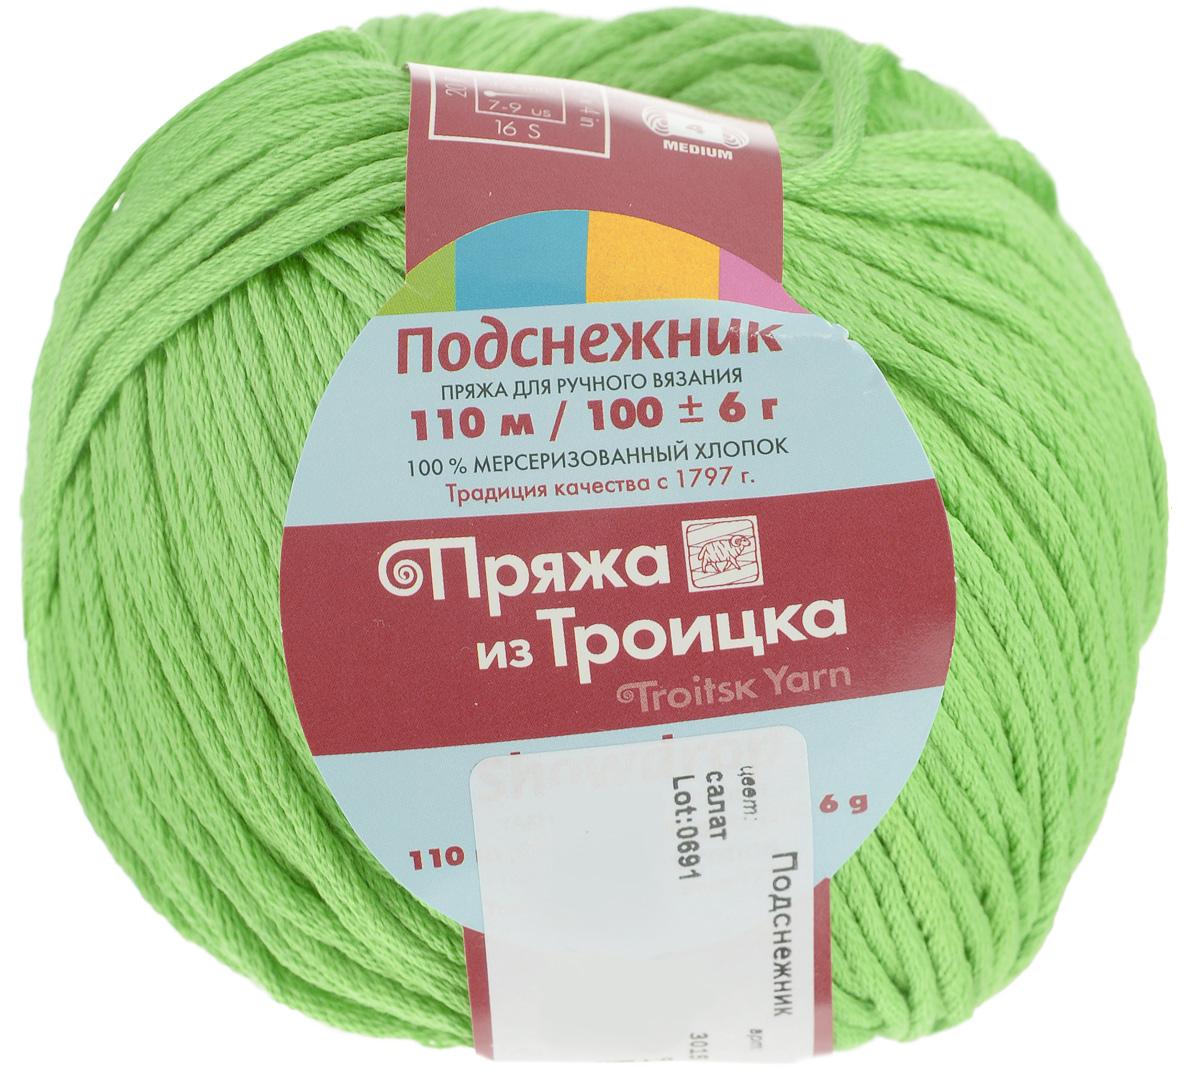 Пряжа для вязания Подснежник, цвет: салатовый (3015), 110 м, 100 г, 10 шт366132_3015Пряжа Подснежник, изготовленная из мерсеризованного хлопка, предназначена для ручного вязания. Толстая прочная пряжа плотно скручена из многих нитей. Изделия из этой пряжи не линяют и сохраняют после стирки не только цвет, но и форму. Подходит для вязания блузок, туник, платьев, болеро и другой летней повседневной и праздничной одежды. Состав: мерсеризованный хлопок. Рекомендуемые спицы: 4,5 мм.